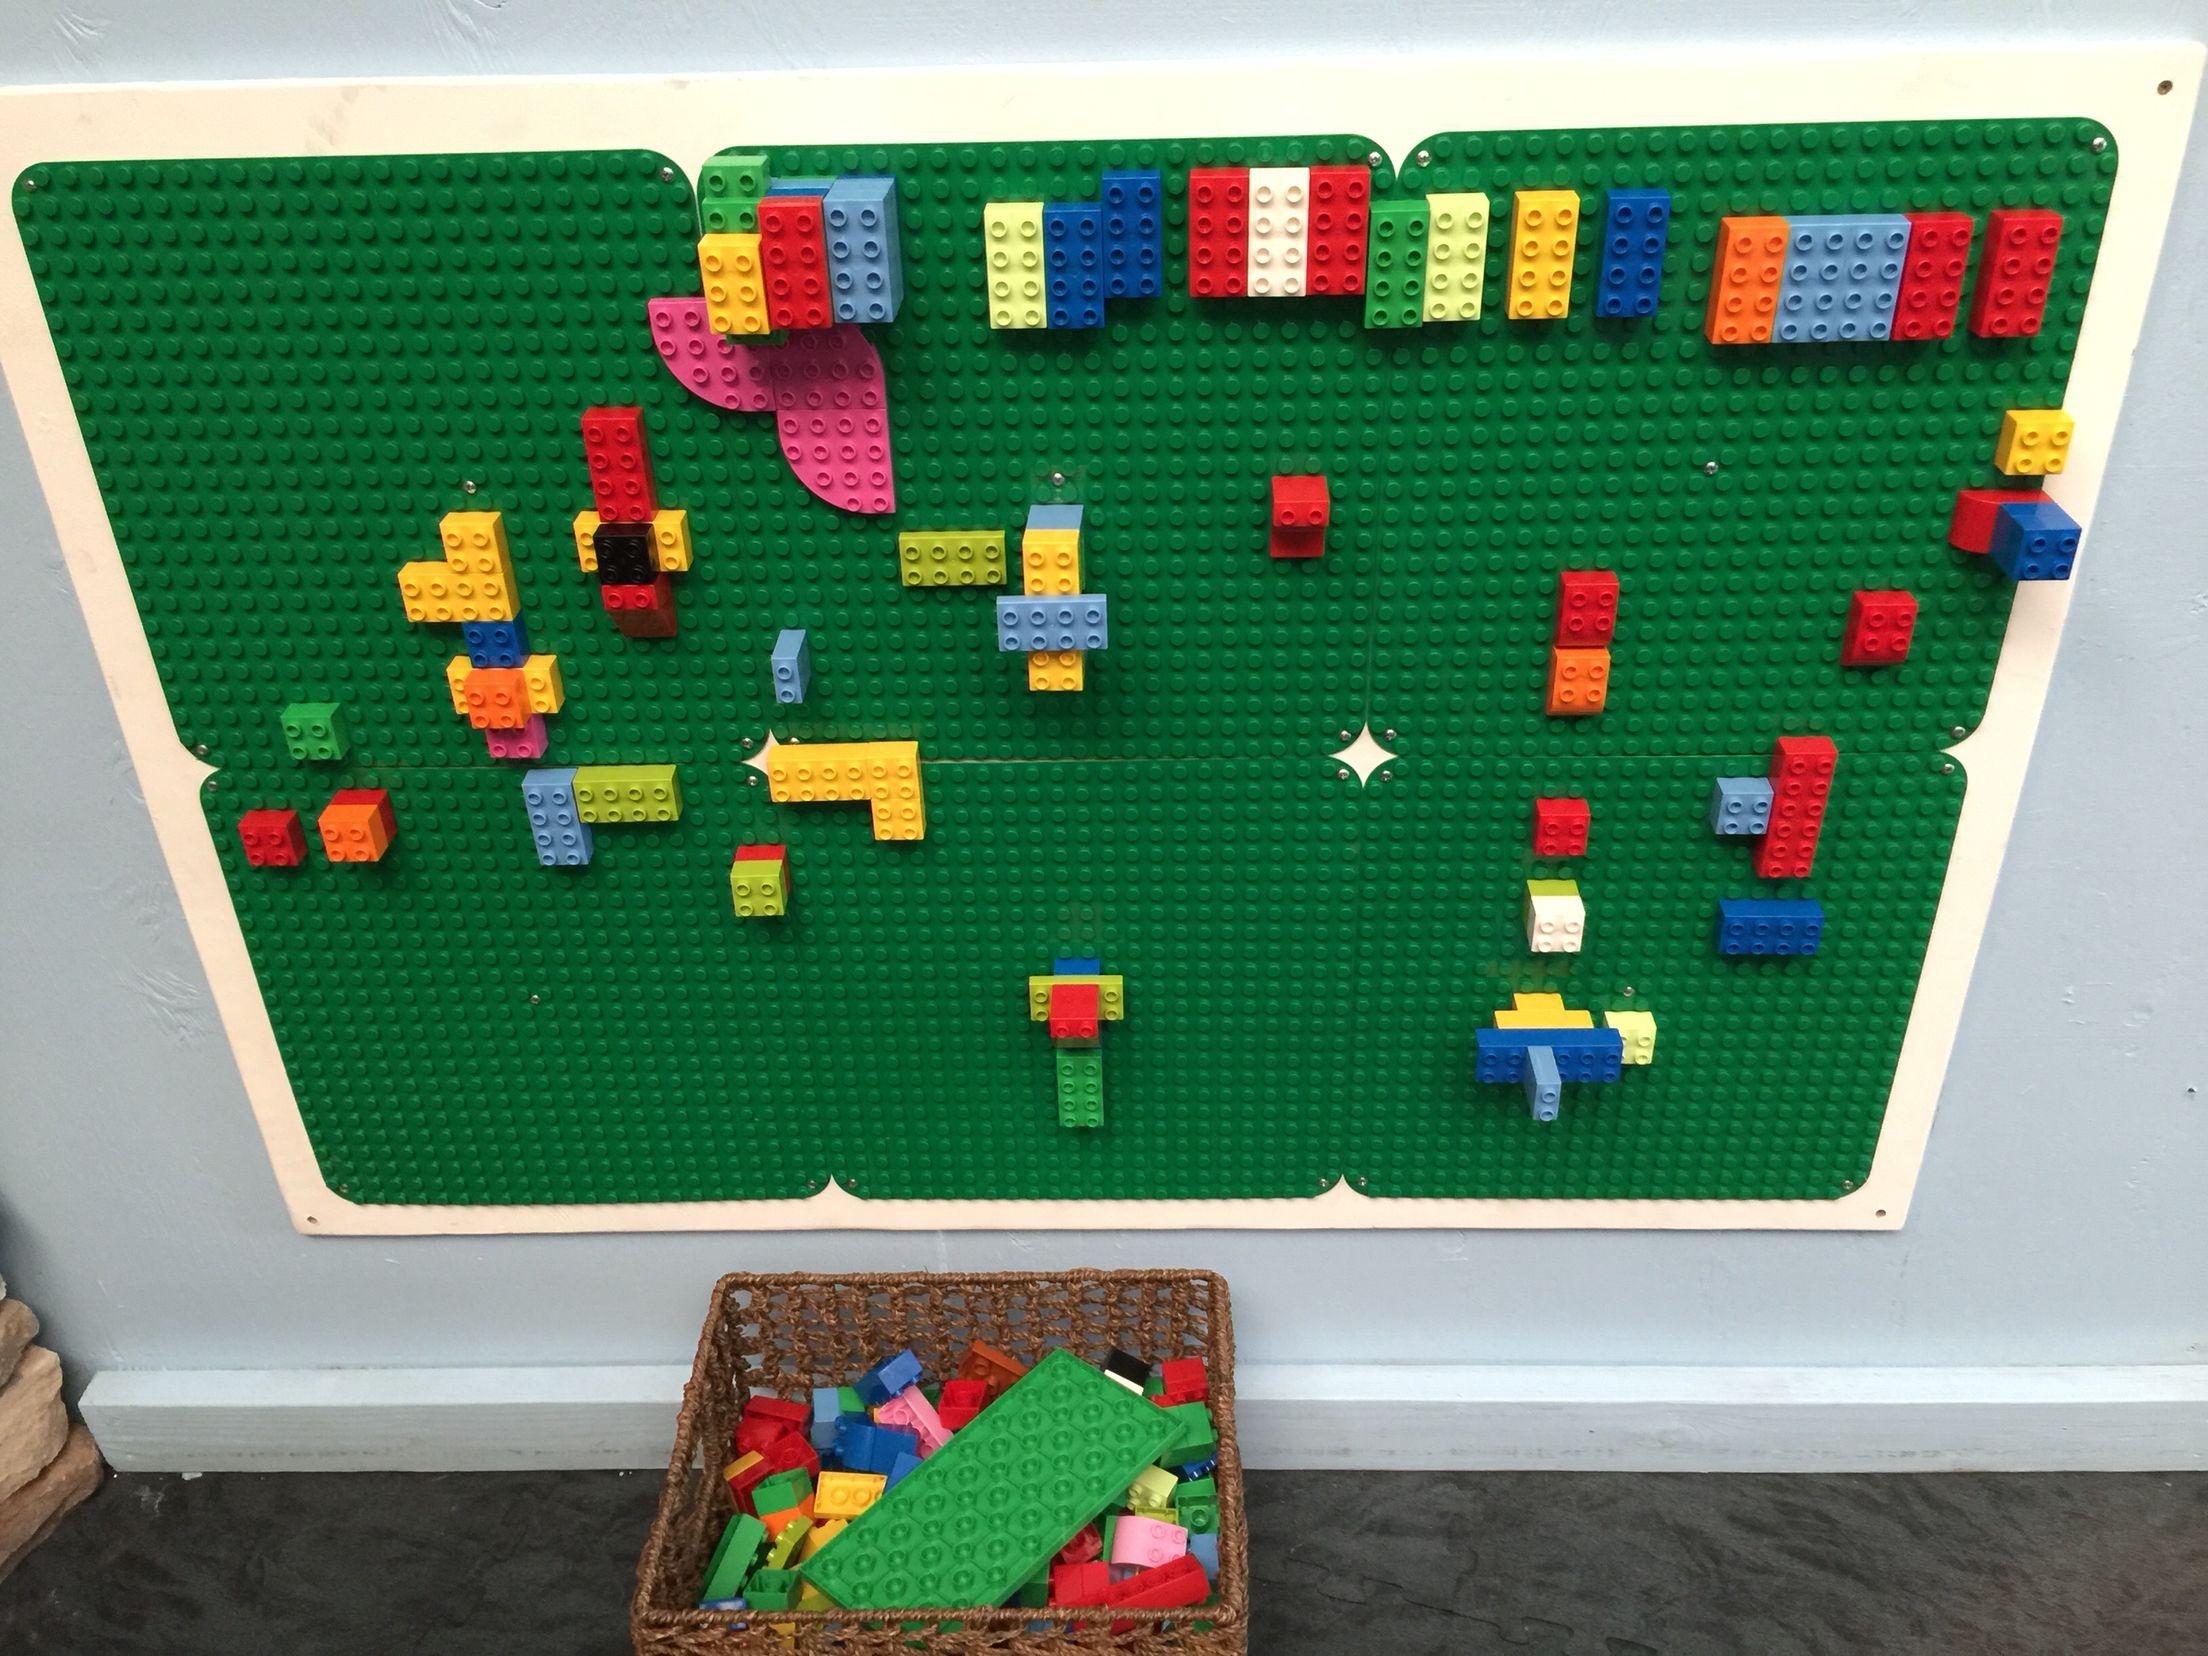 LEGO-конструирование как средство развития речевой деятельности детей дошкольного возраста с нарушениями речи